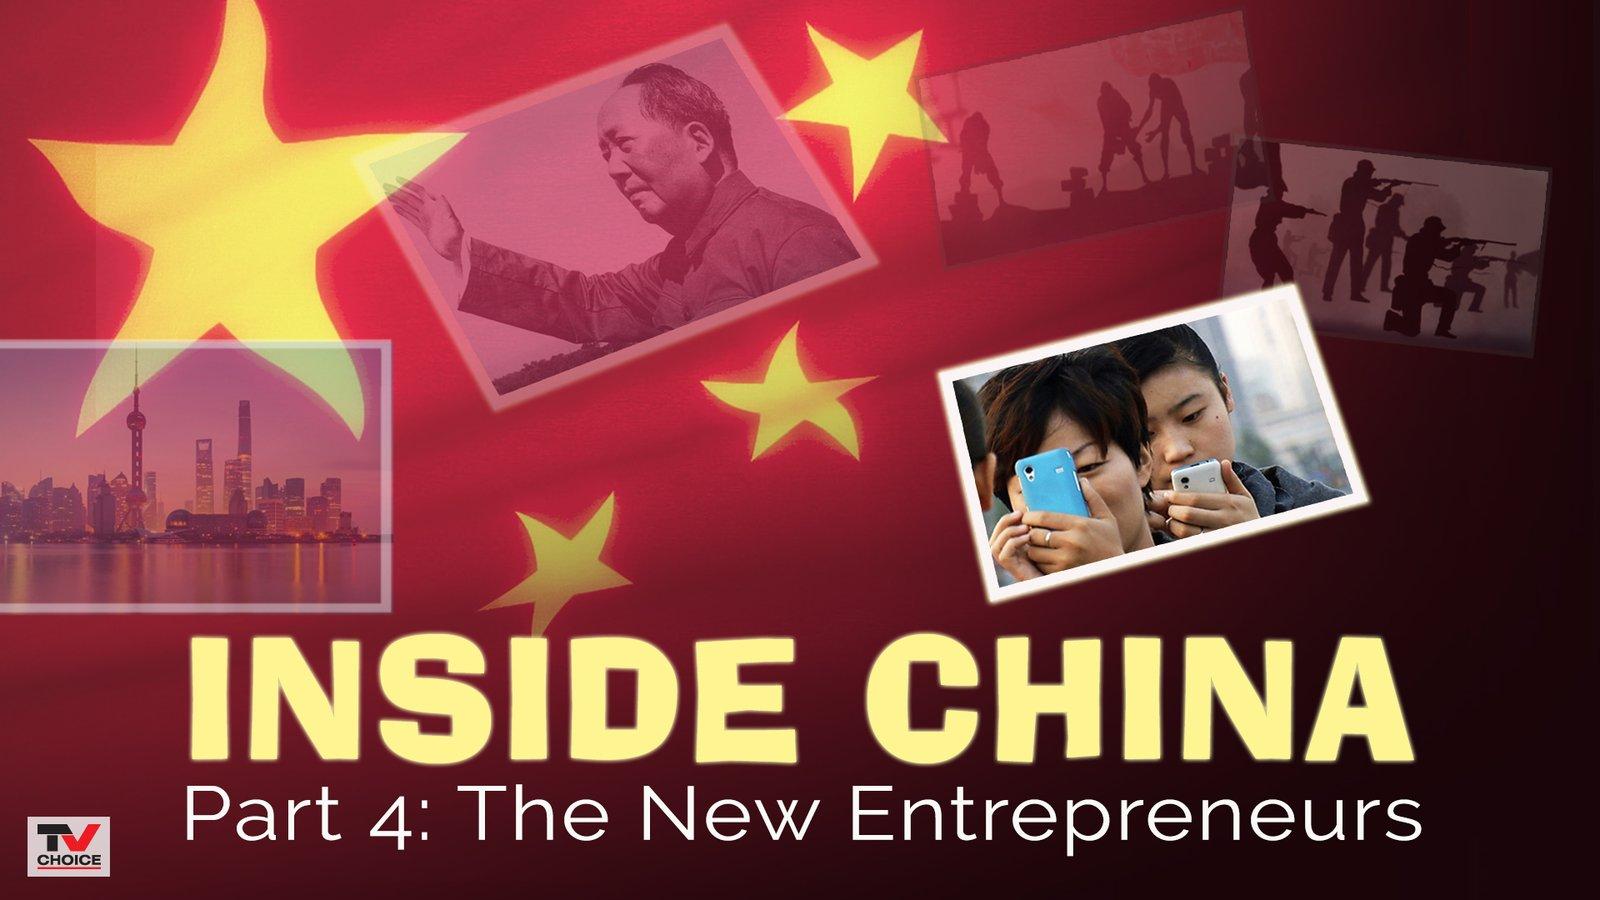 Inside China 4: The New Entrepreneurs